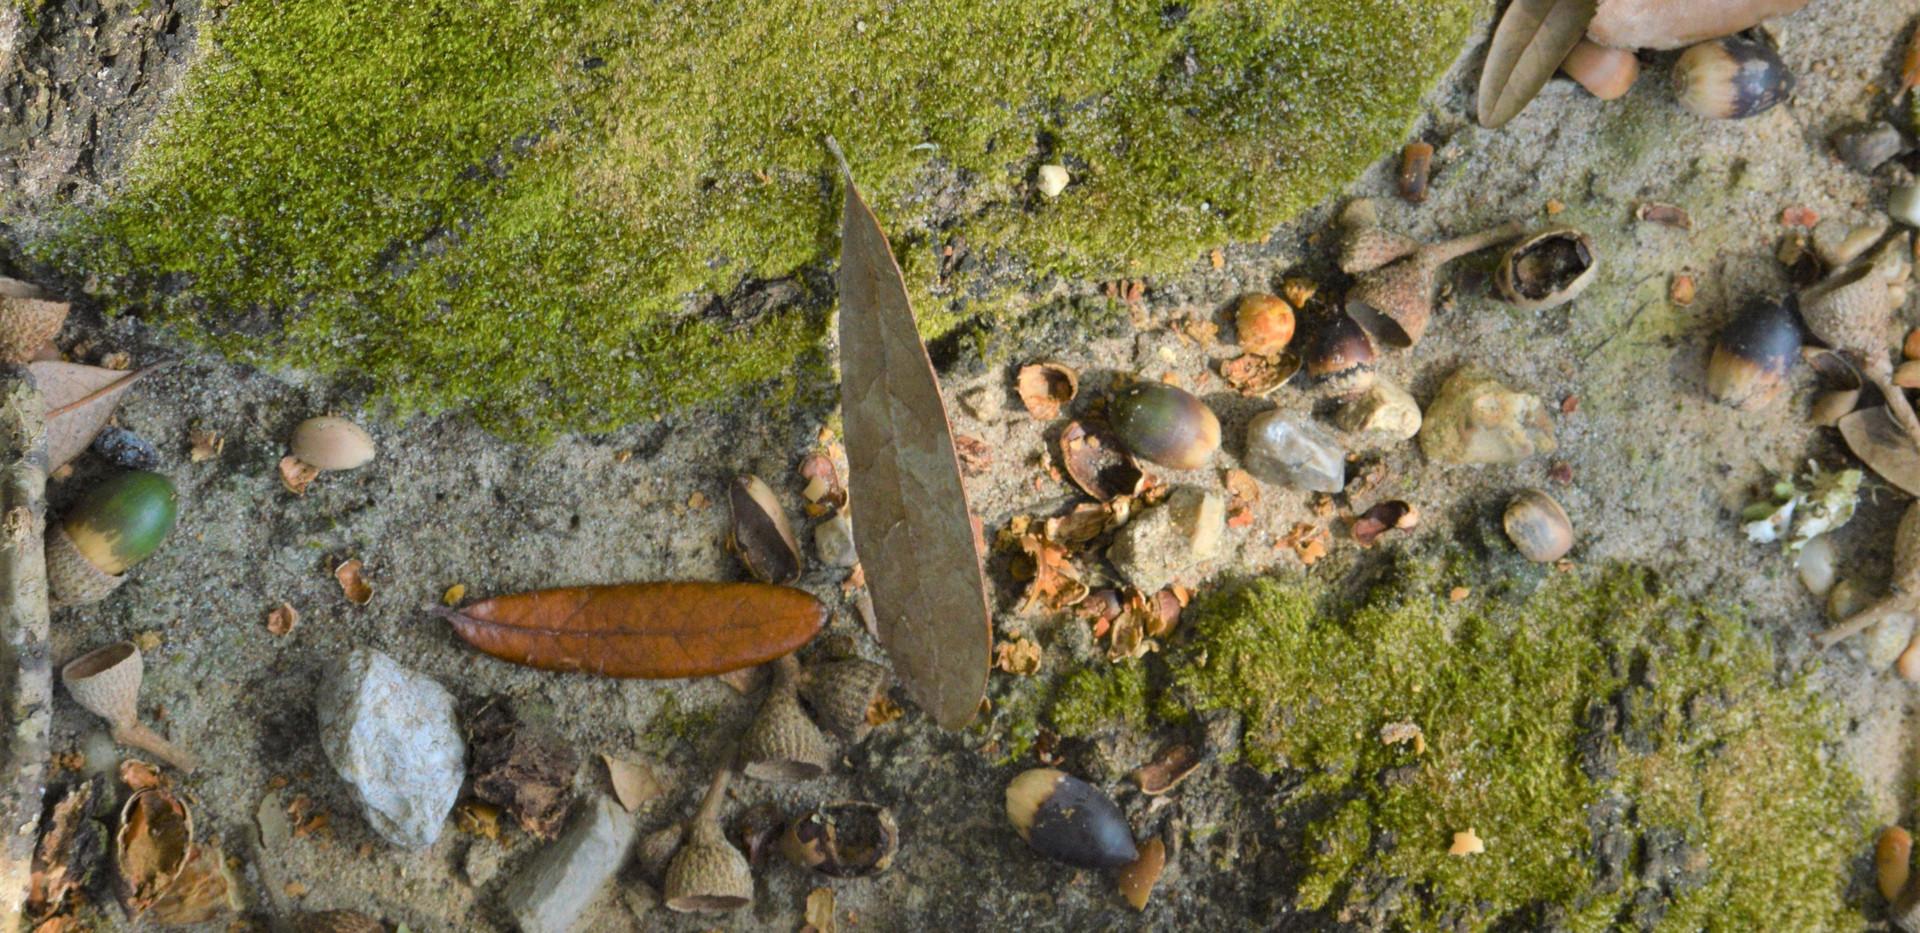 margaret shoes on moss. jpg.JPG